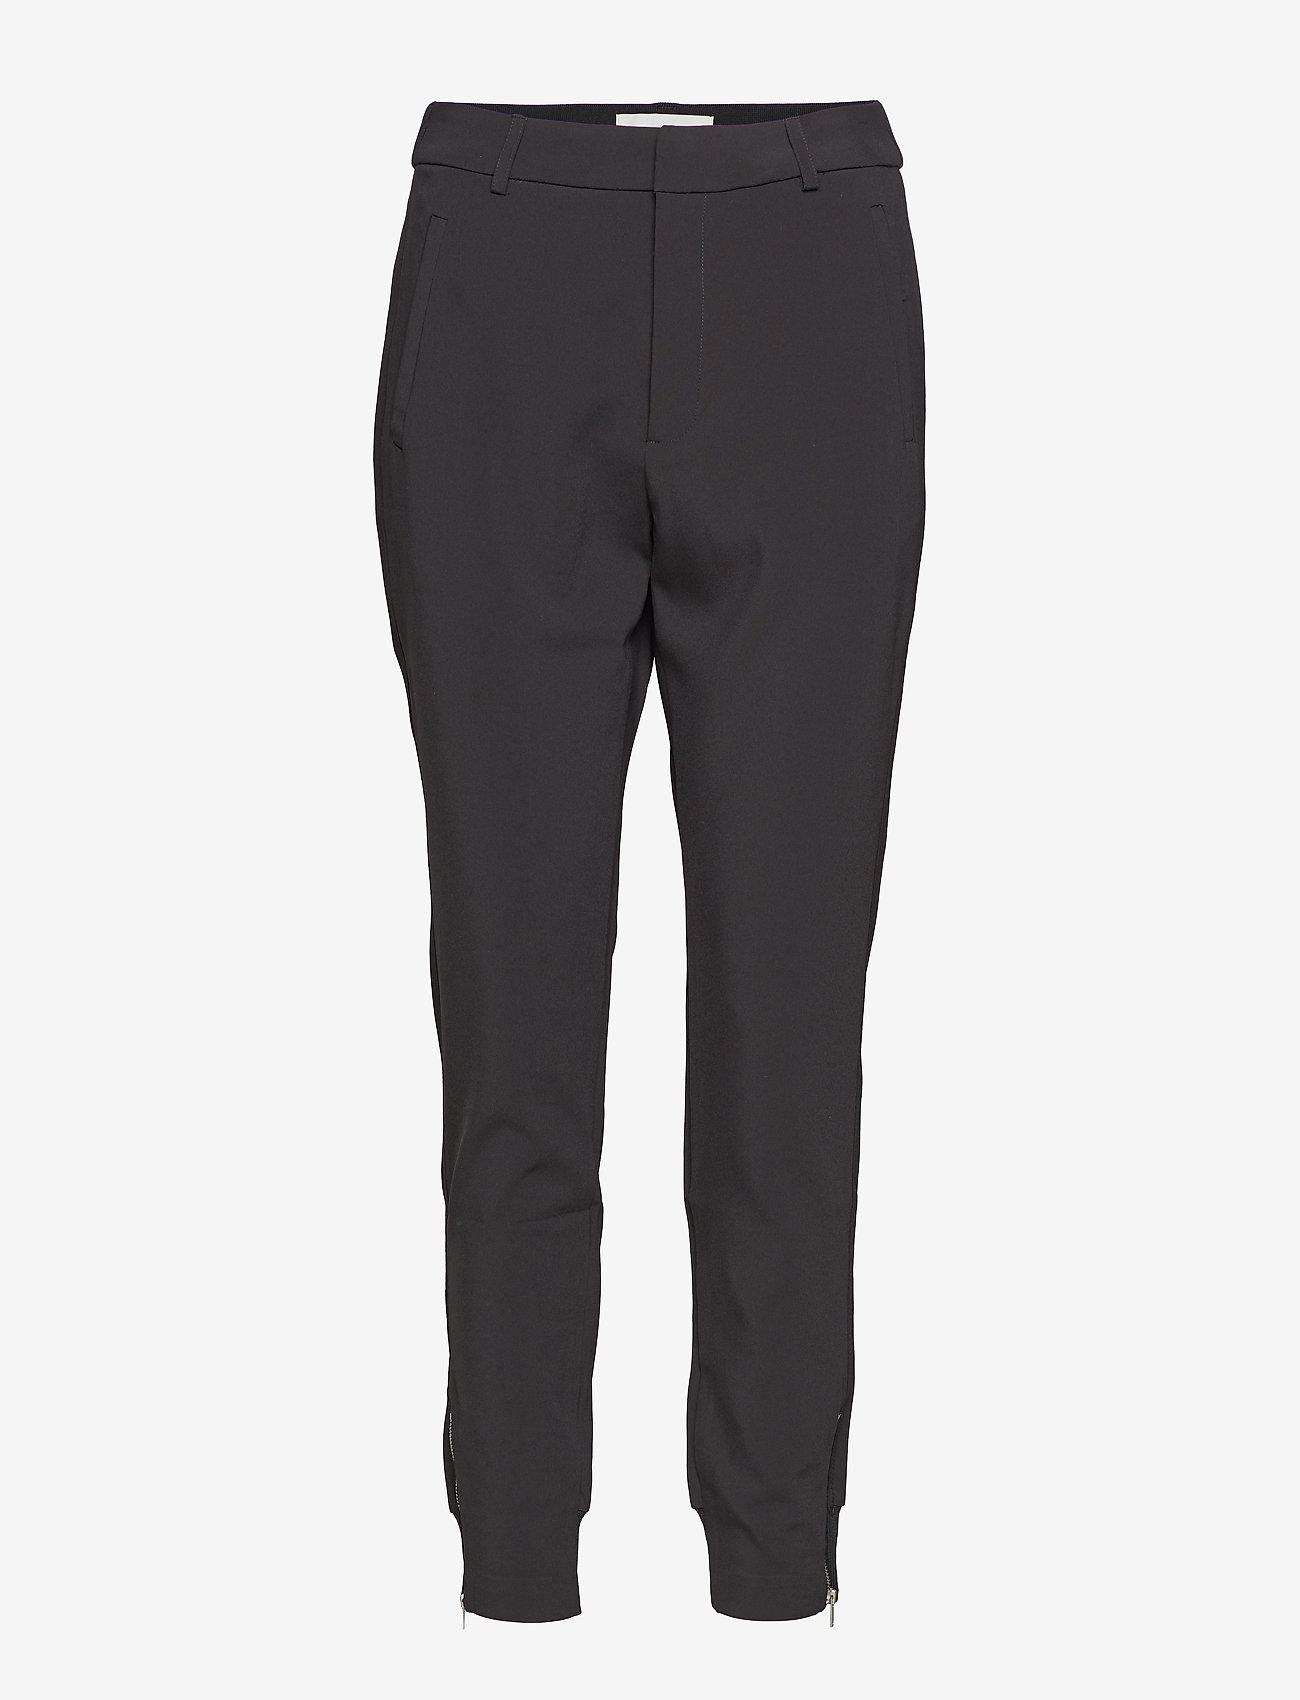 InWear - Nica L Pants - spodnie proste - black - 1